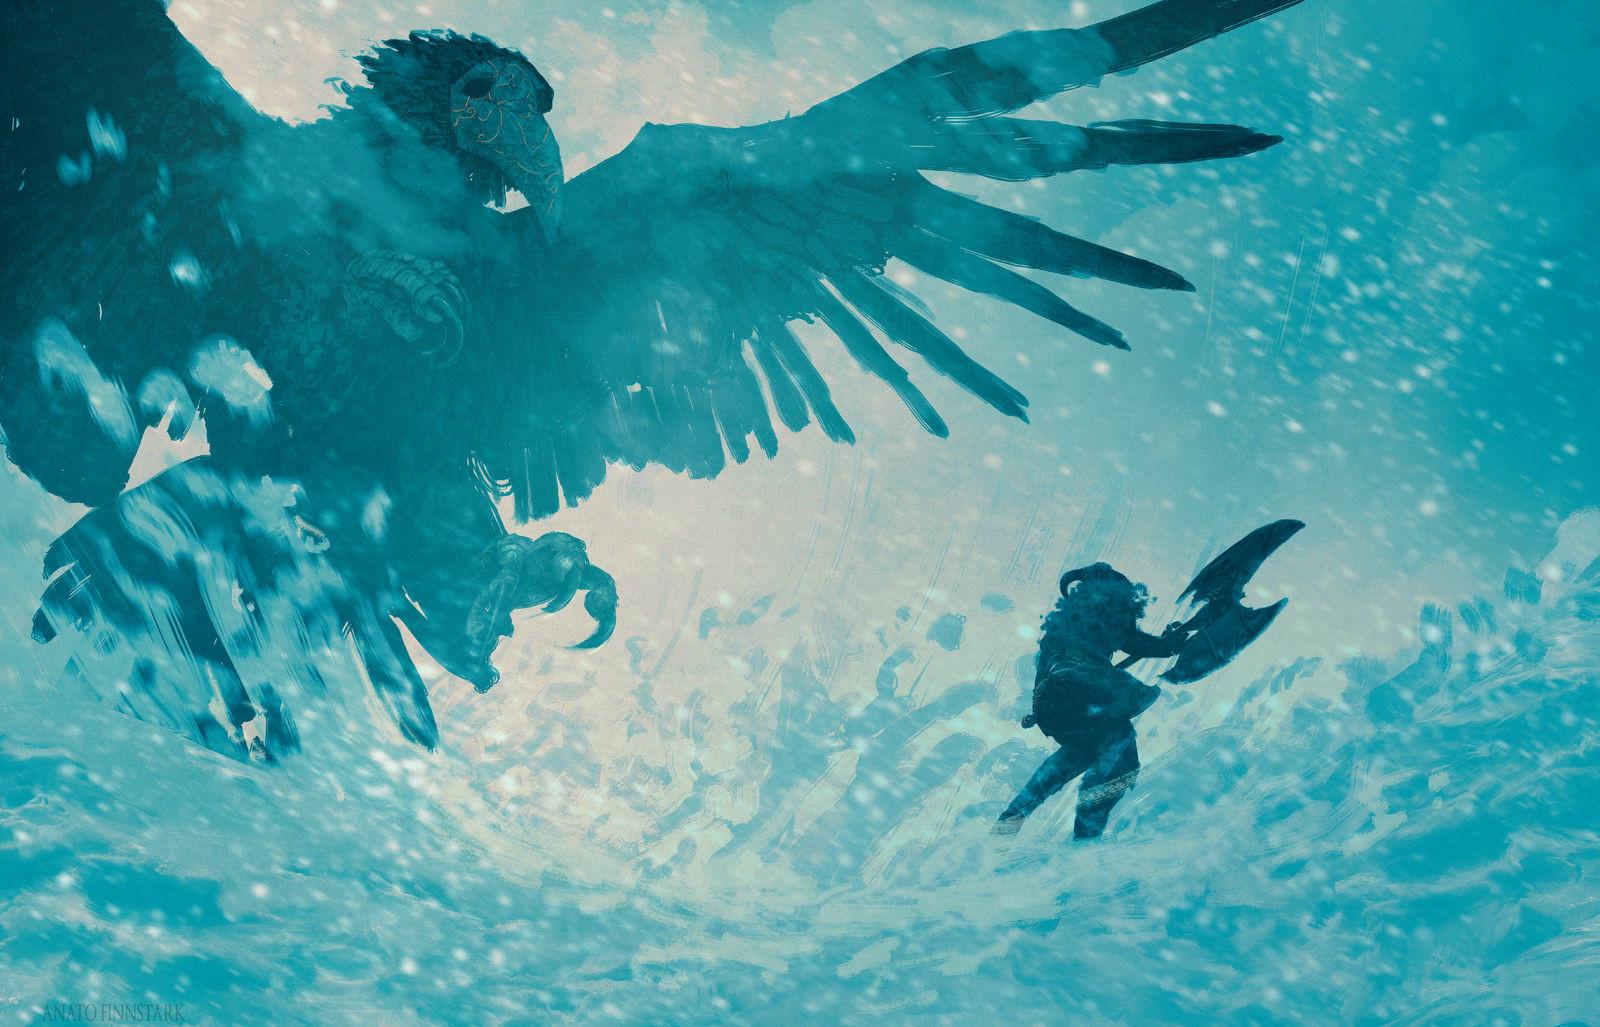 Anato finnstark the raven s gate by anatofinnstark dcuwc02 fullview